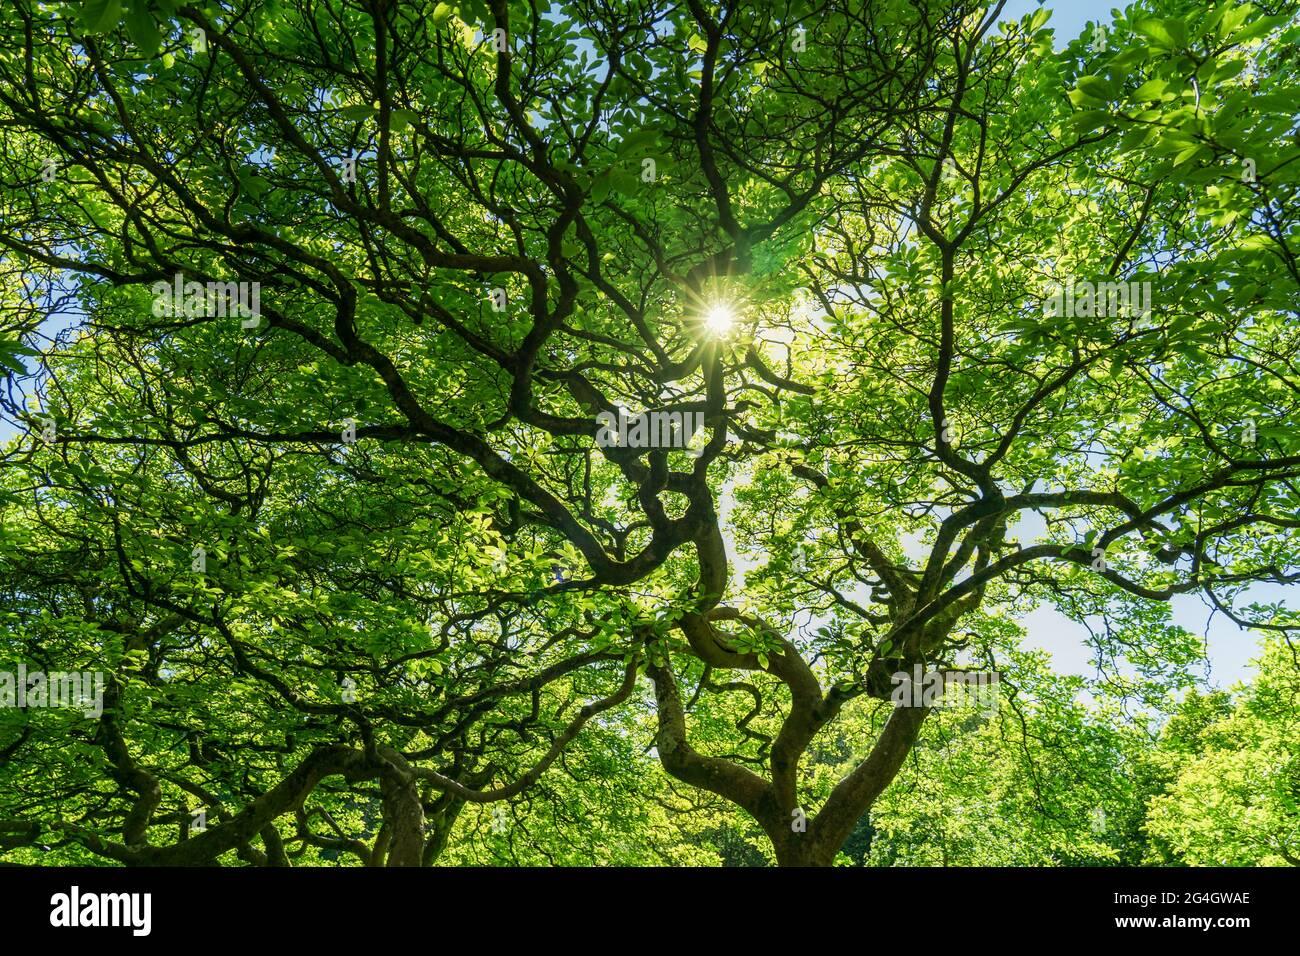 Arrière-plan d'arbre vert ramifié avec rayons du soleil. Vue de dessous. Nature bois vert lumière du soleil. Banque D'Images